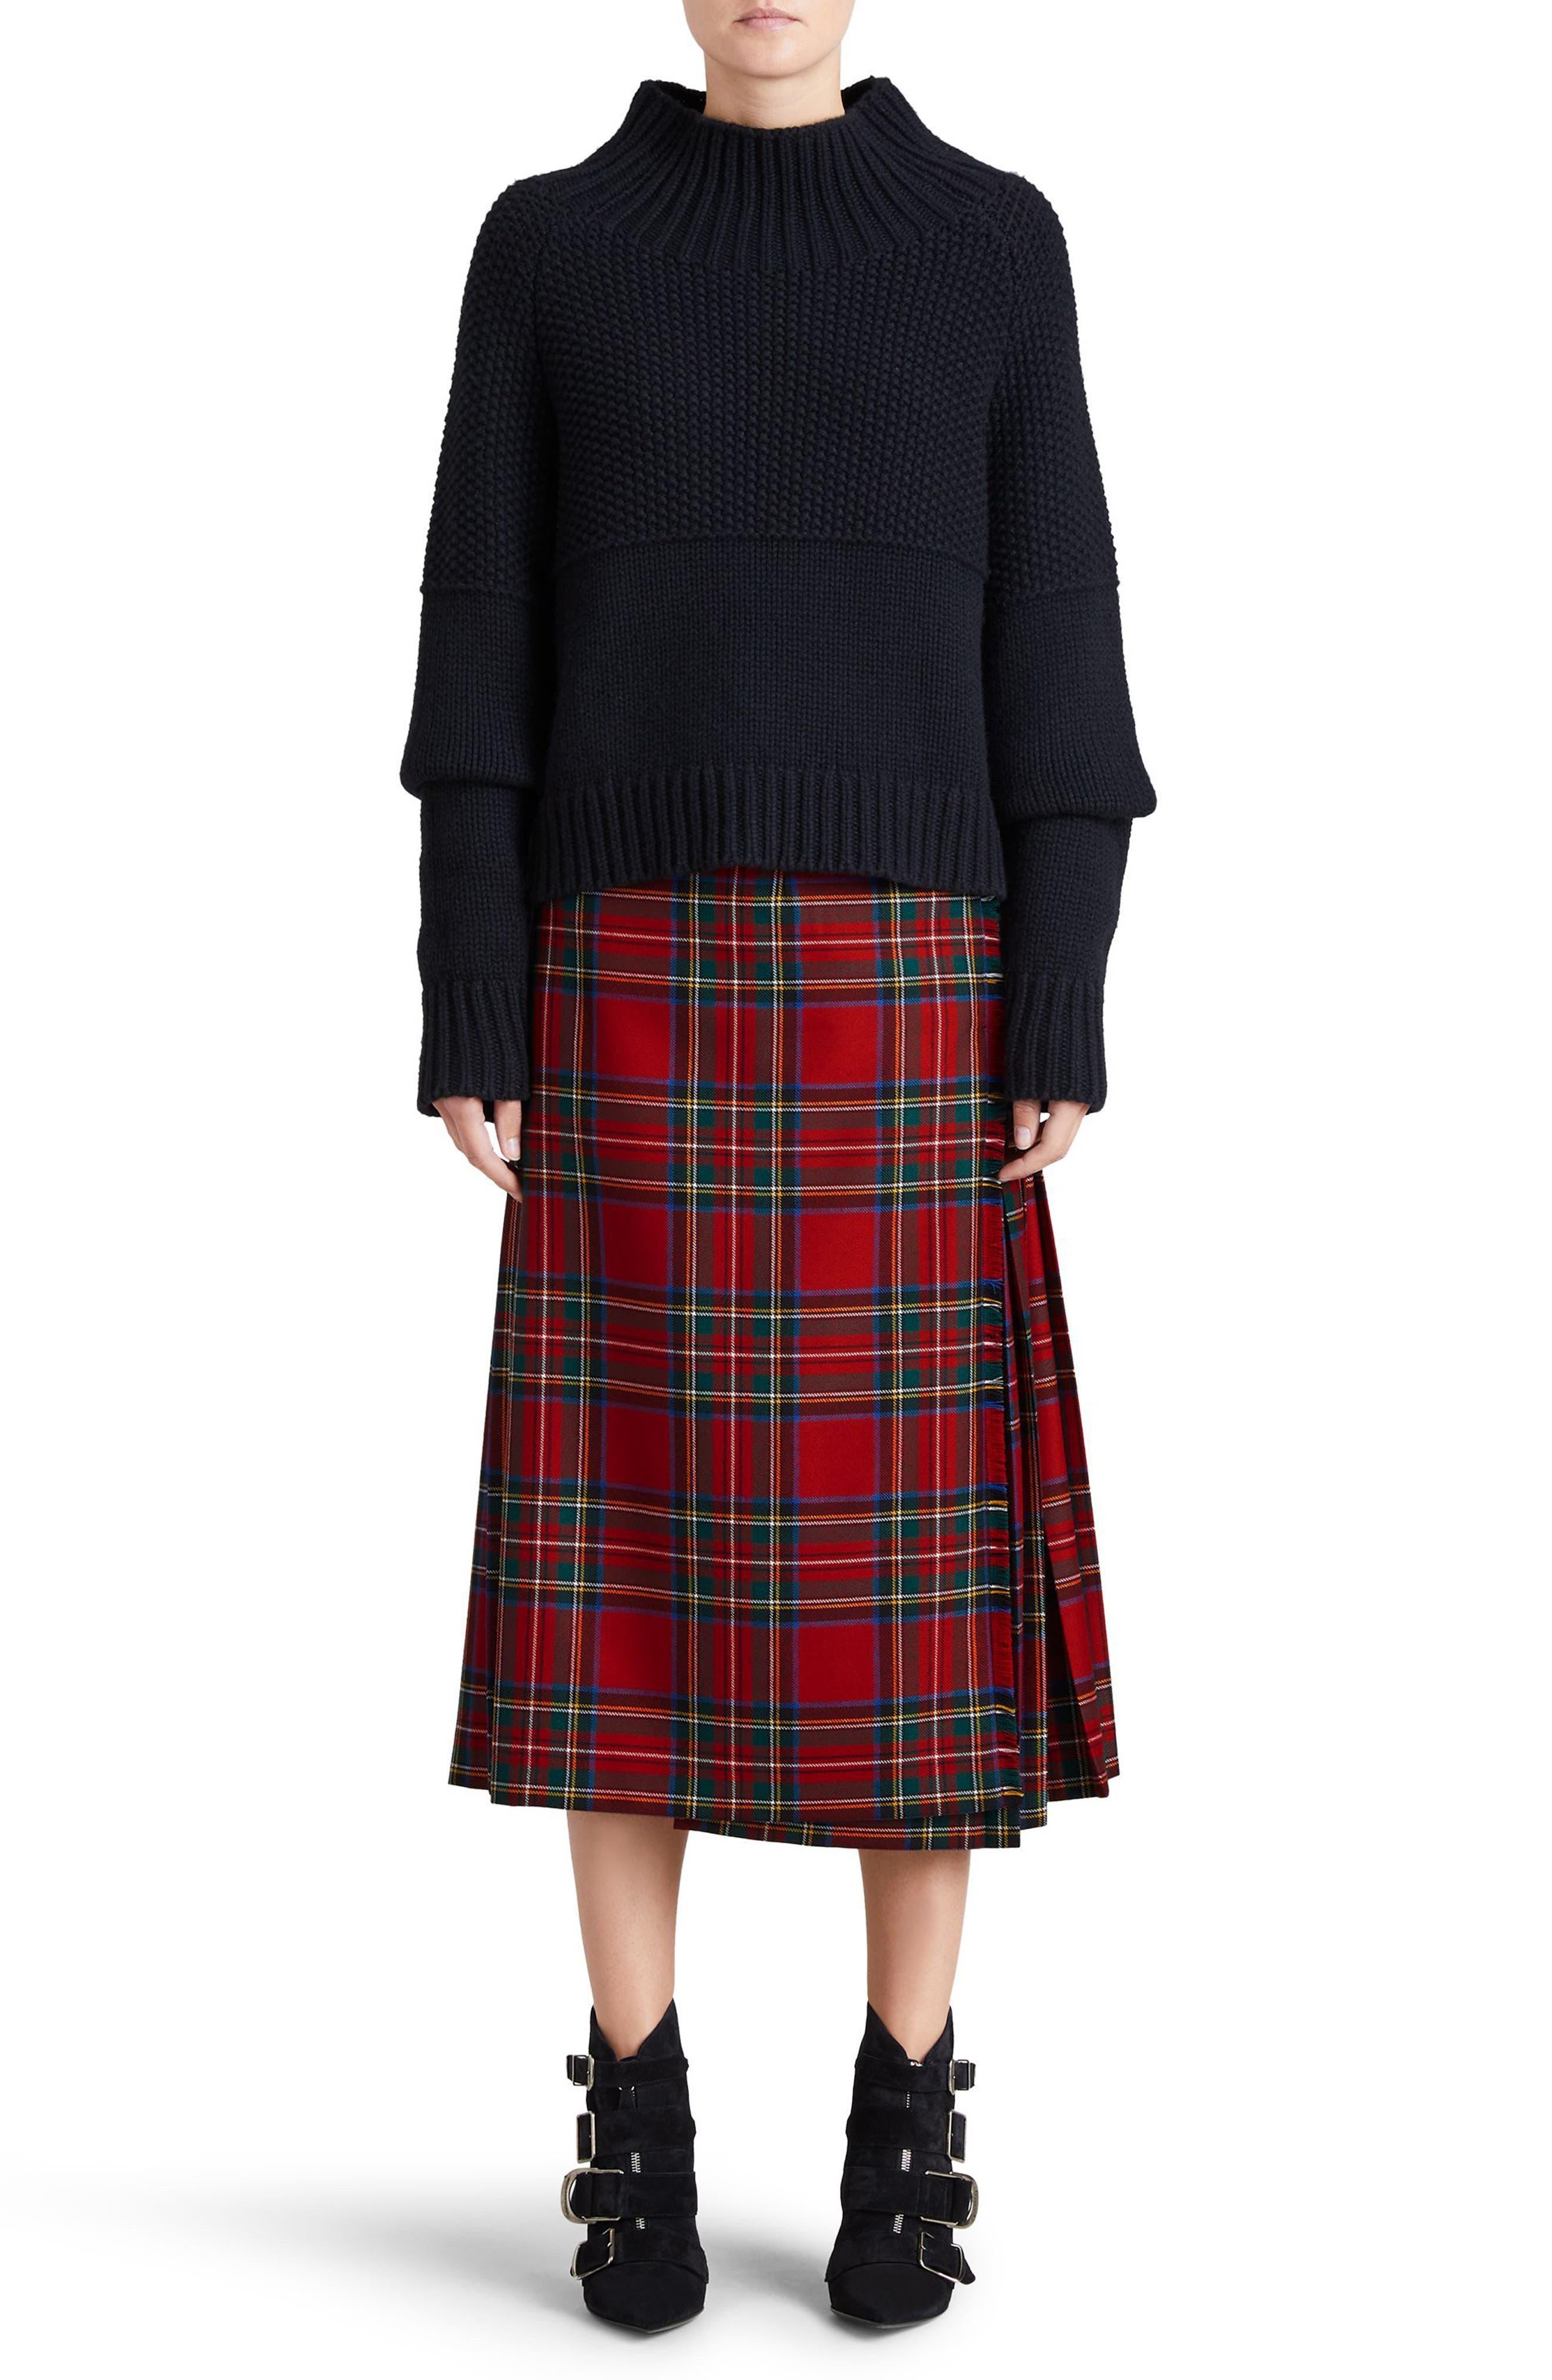 Taybridge Pleated Plaid Wool Midi Skirt,                             Alternate thumbnail 5, color,                             622